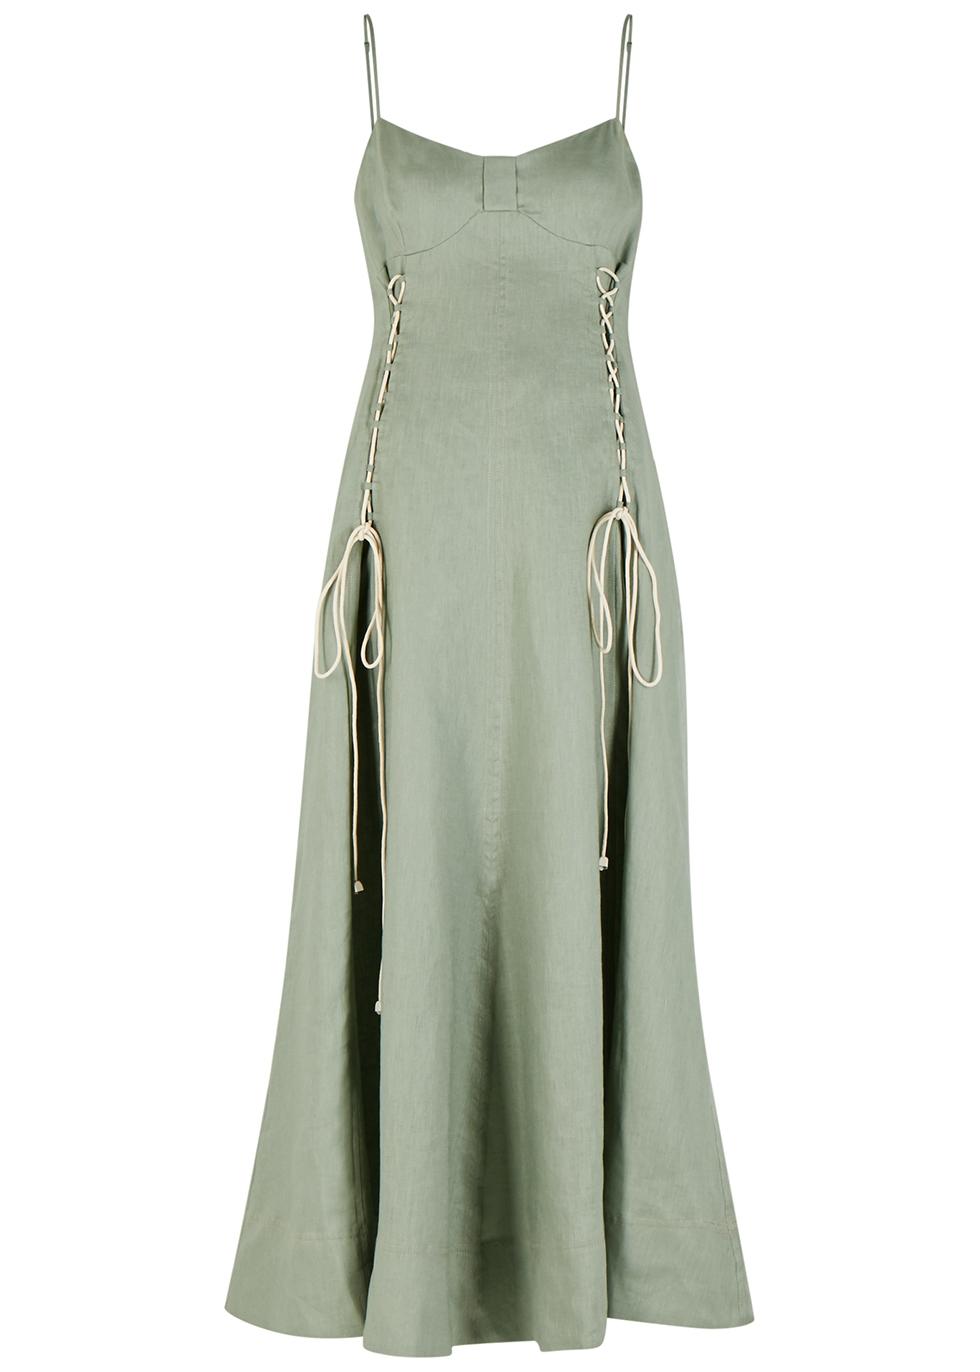 Ivy sage linen maxi dress